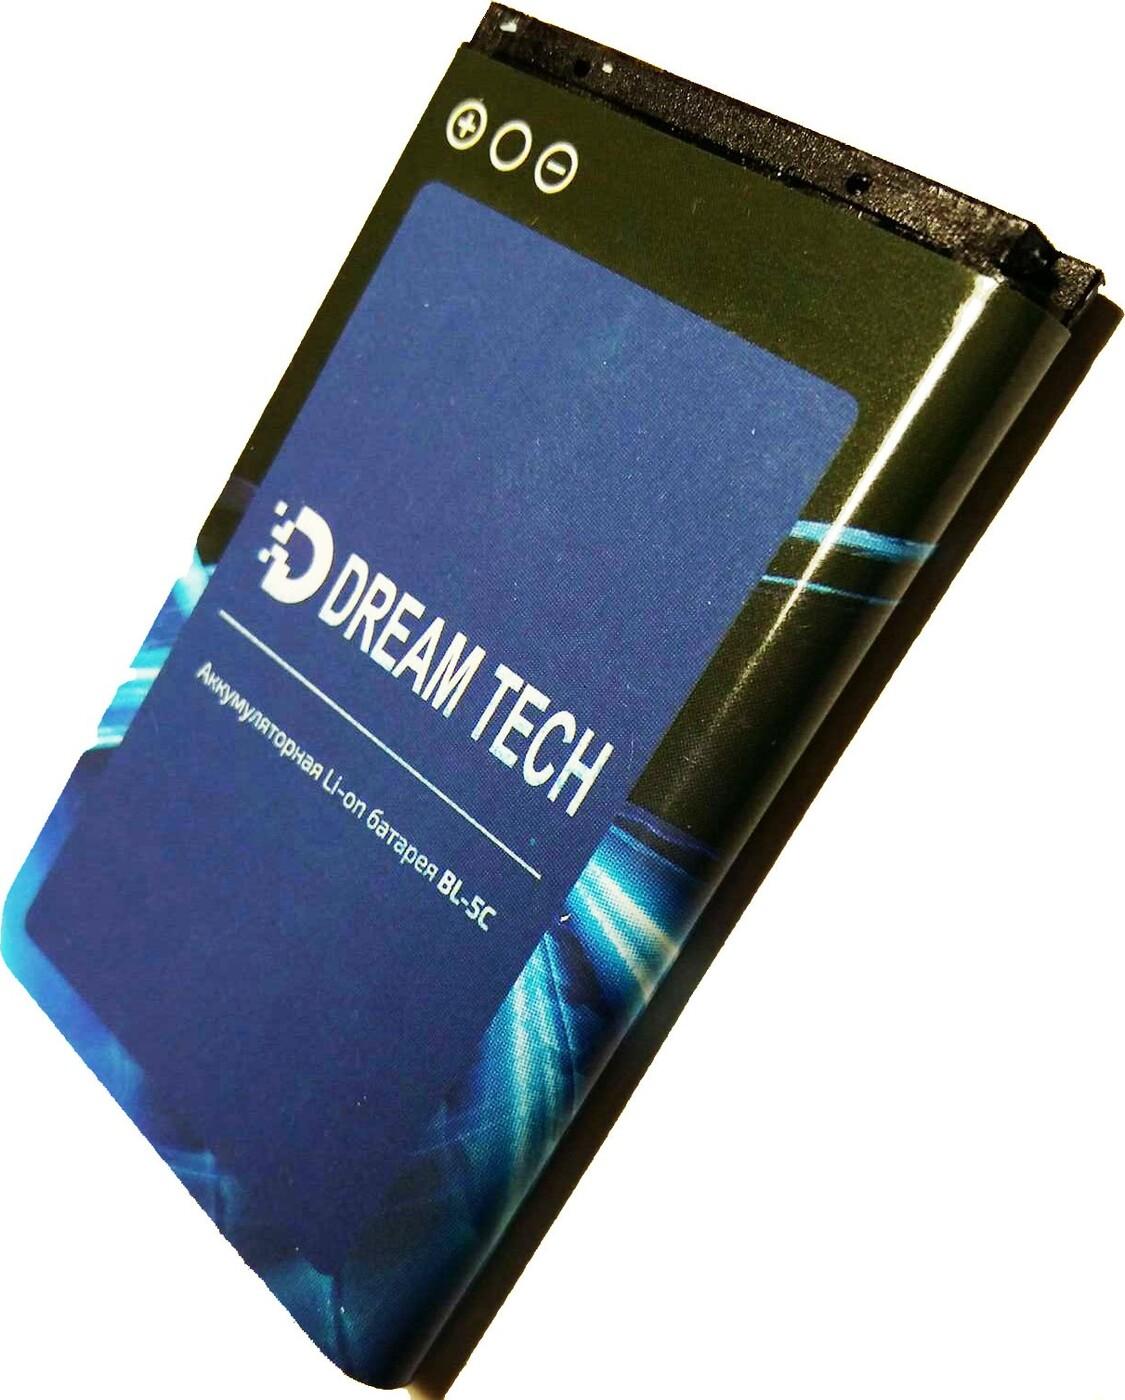 Аккумулятор DREAM BL-5C для телефонов Nokia,радиоприемников, регистраторов, телефонов, измерителей,1020 mAh